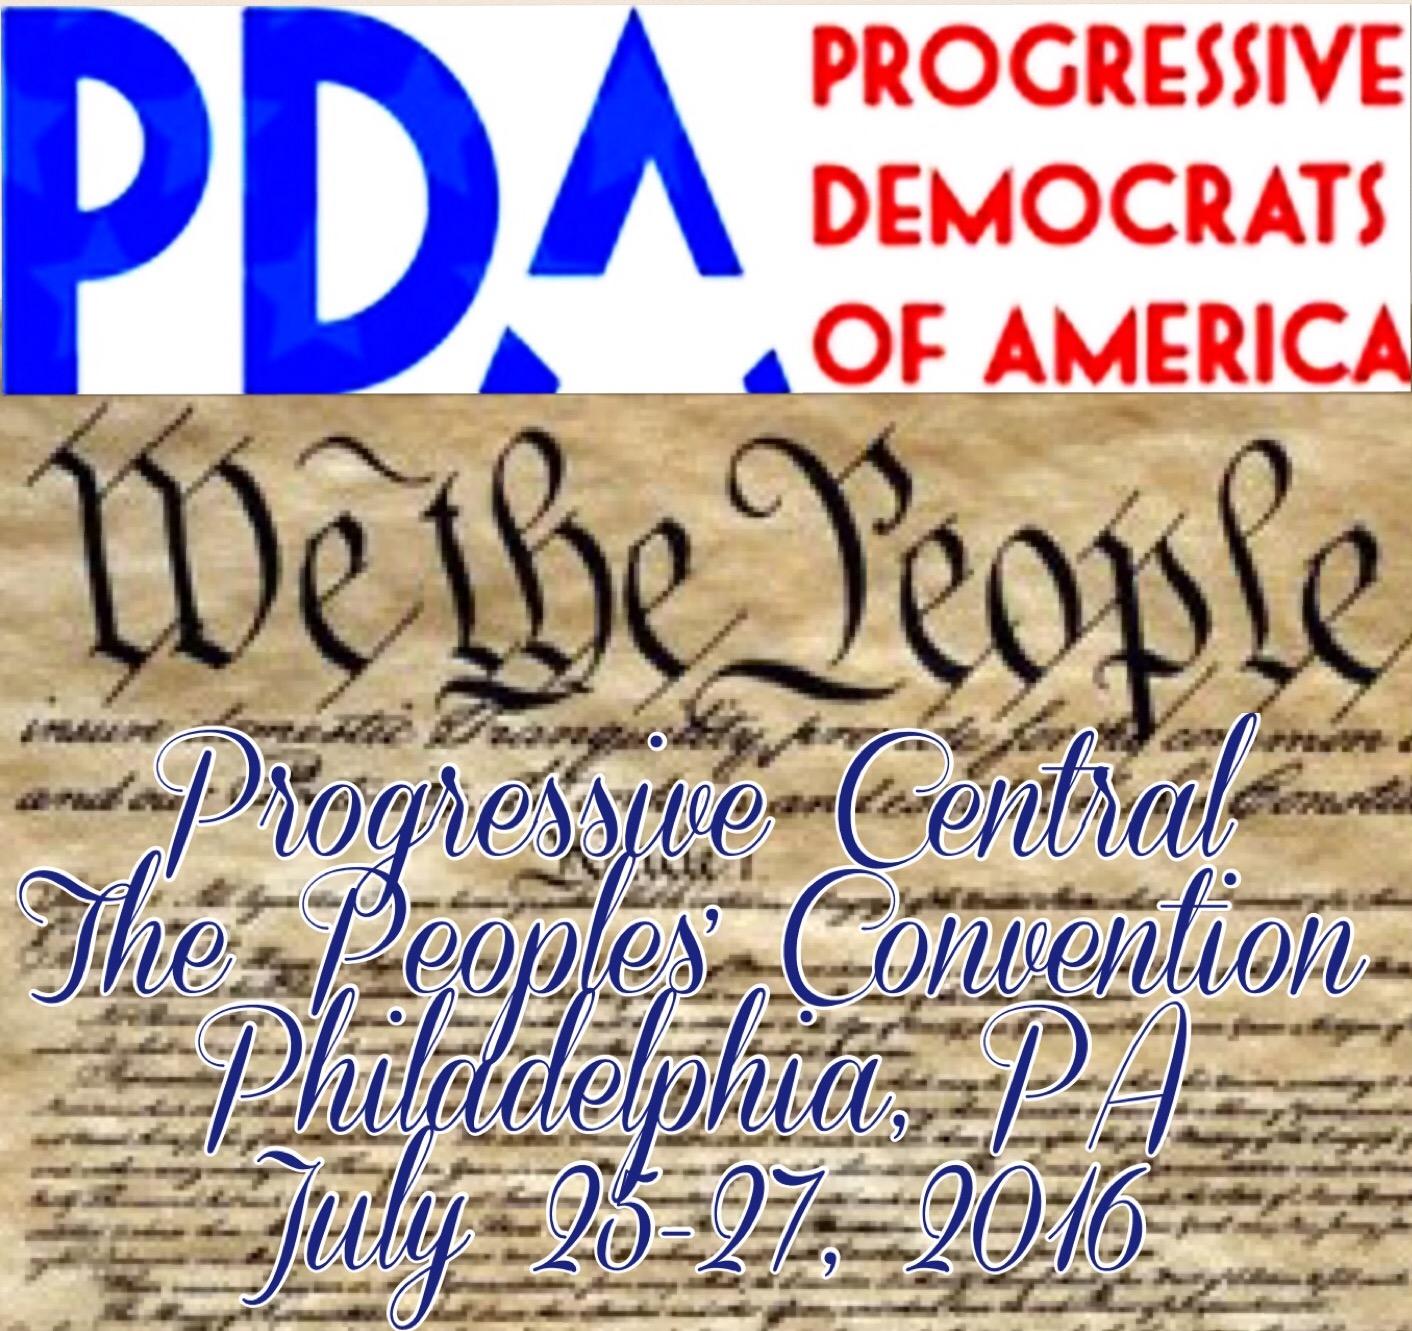 Progressive-Central